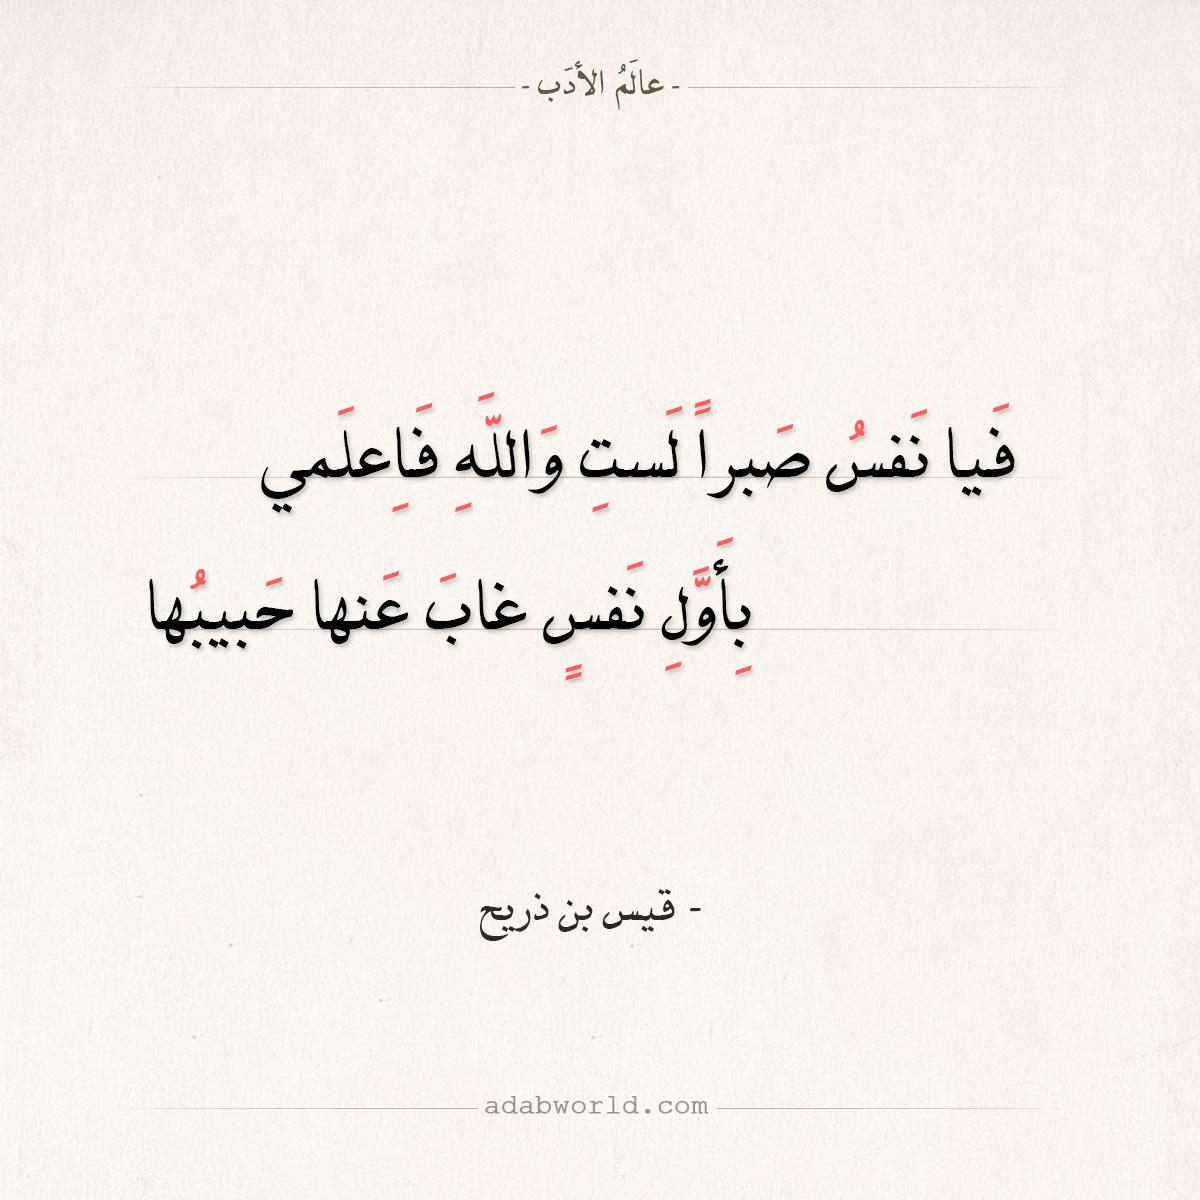 شعر قيس بن ذريح - فيا نفس صبرا لست والله فاعلمي